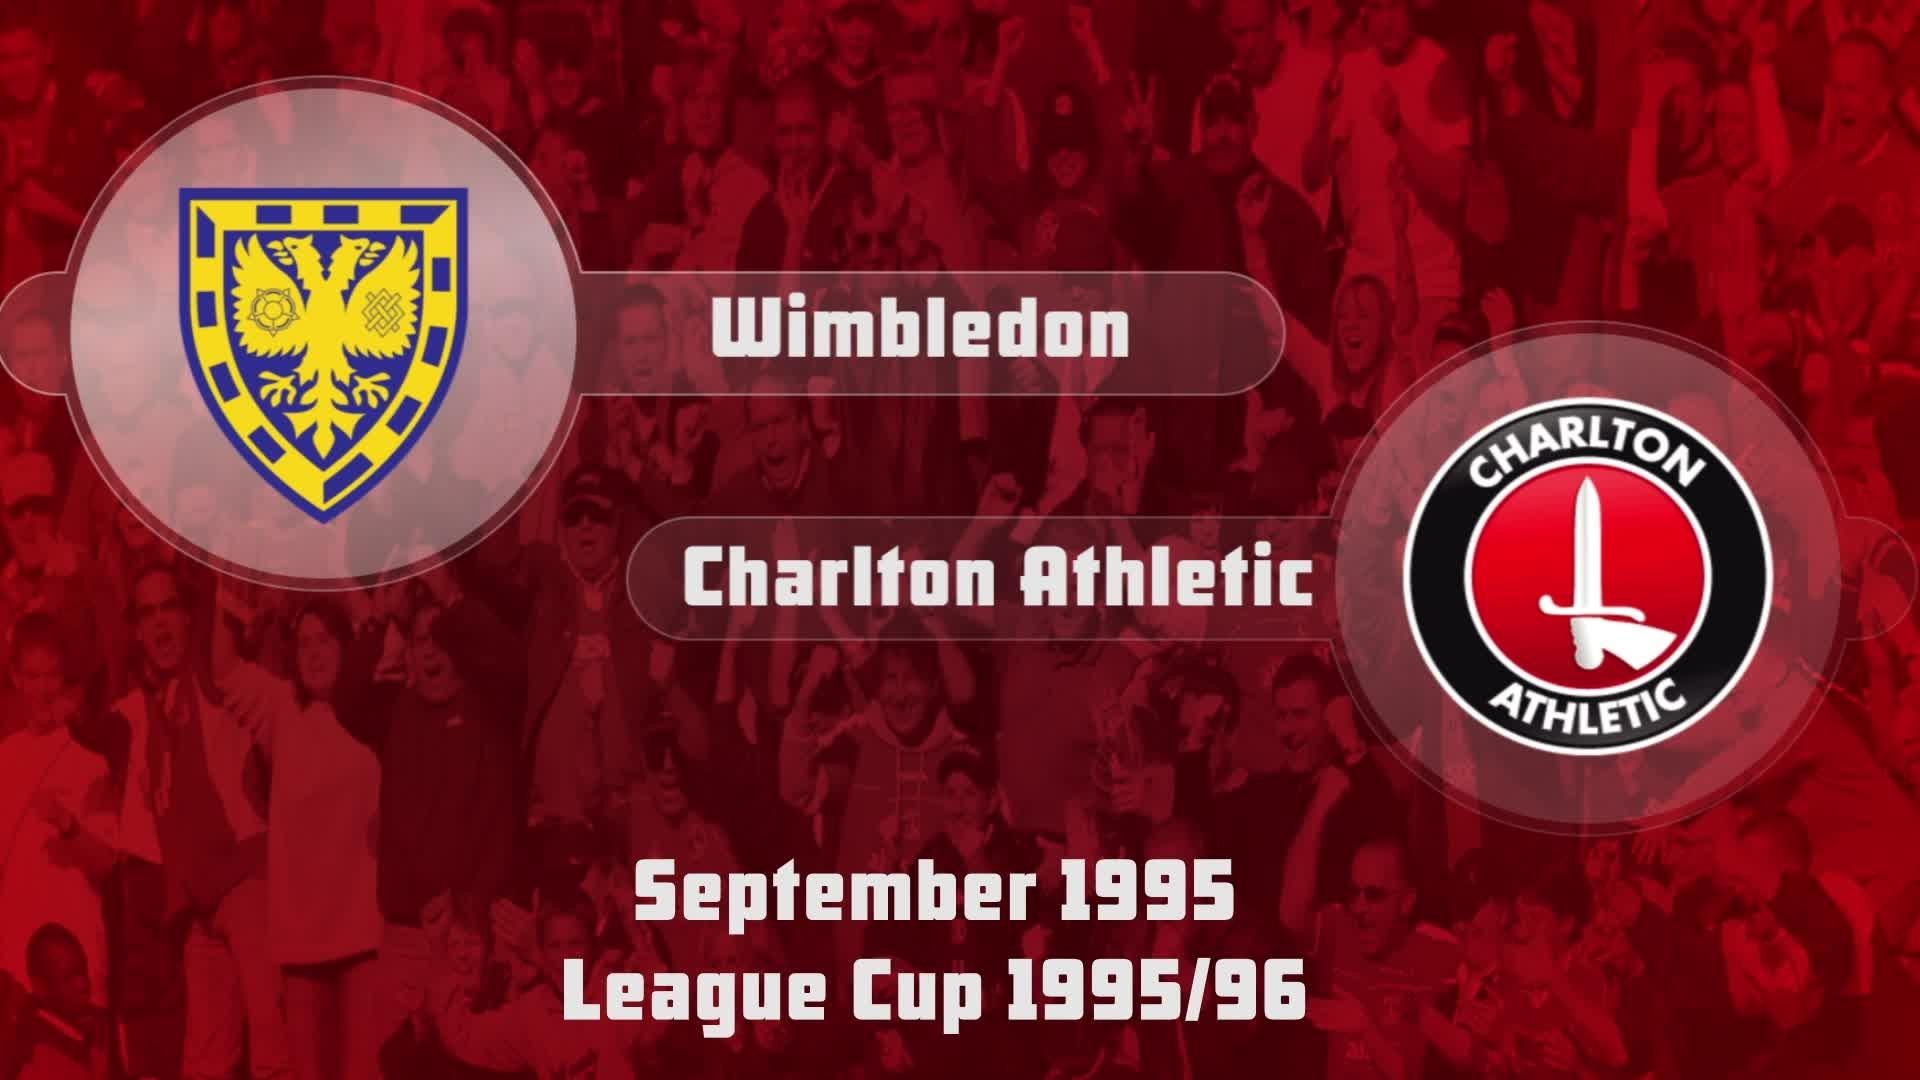 11 HIGHLIGHTS | Wimbledon 4 Charlton 5 (League Cup Sept 1995)